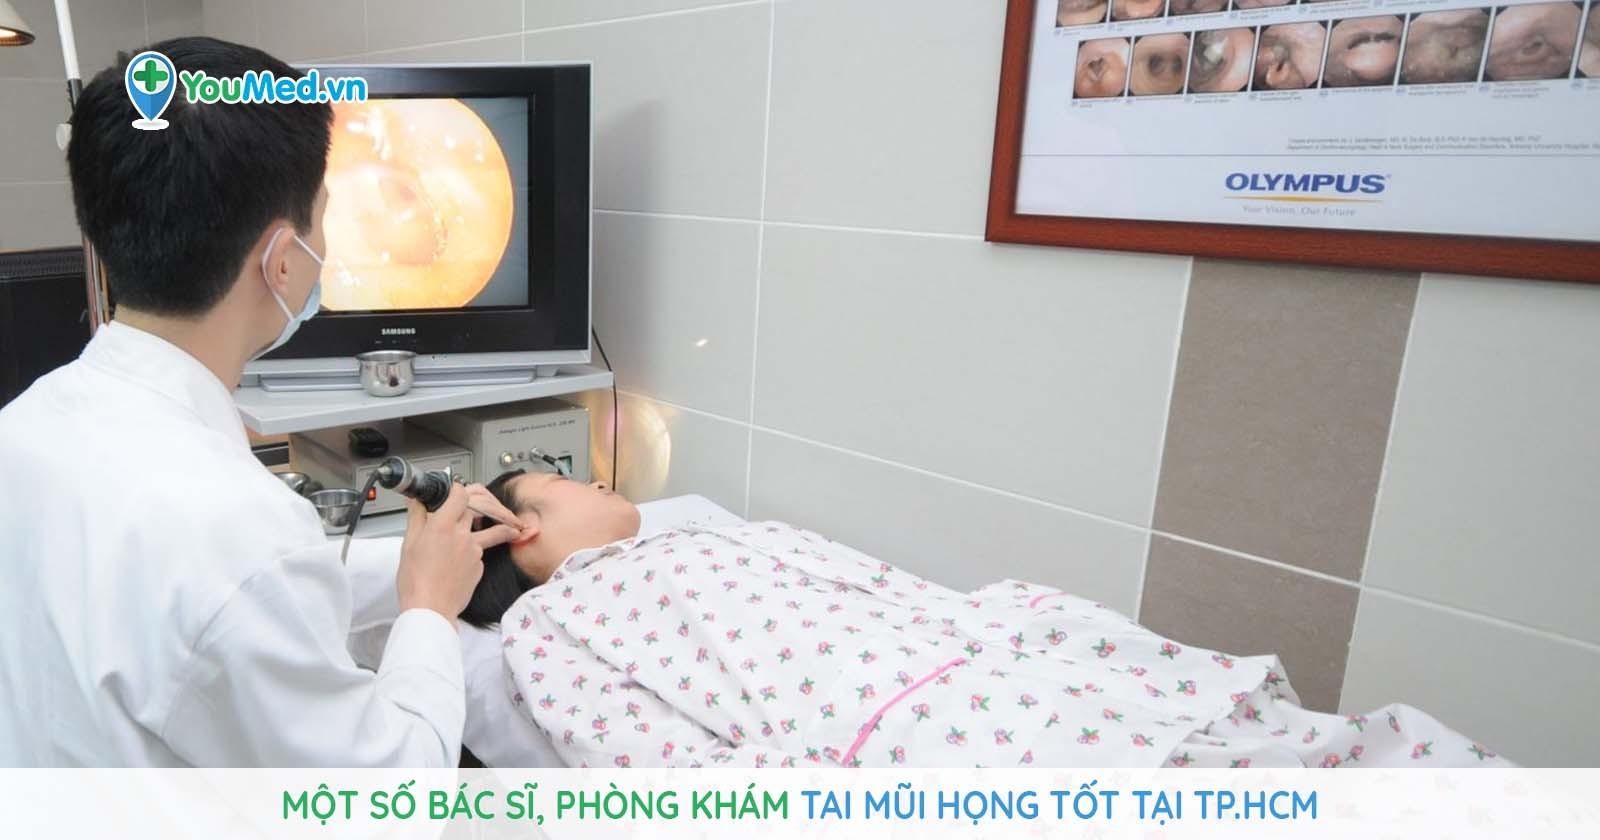 Một số bác sĩ, phòng khám Tai Mũi Họng tốt tại TP. HCM